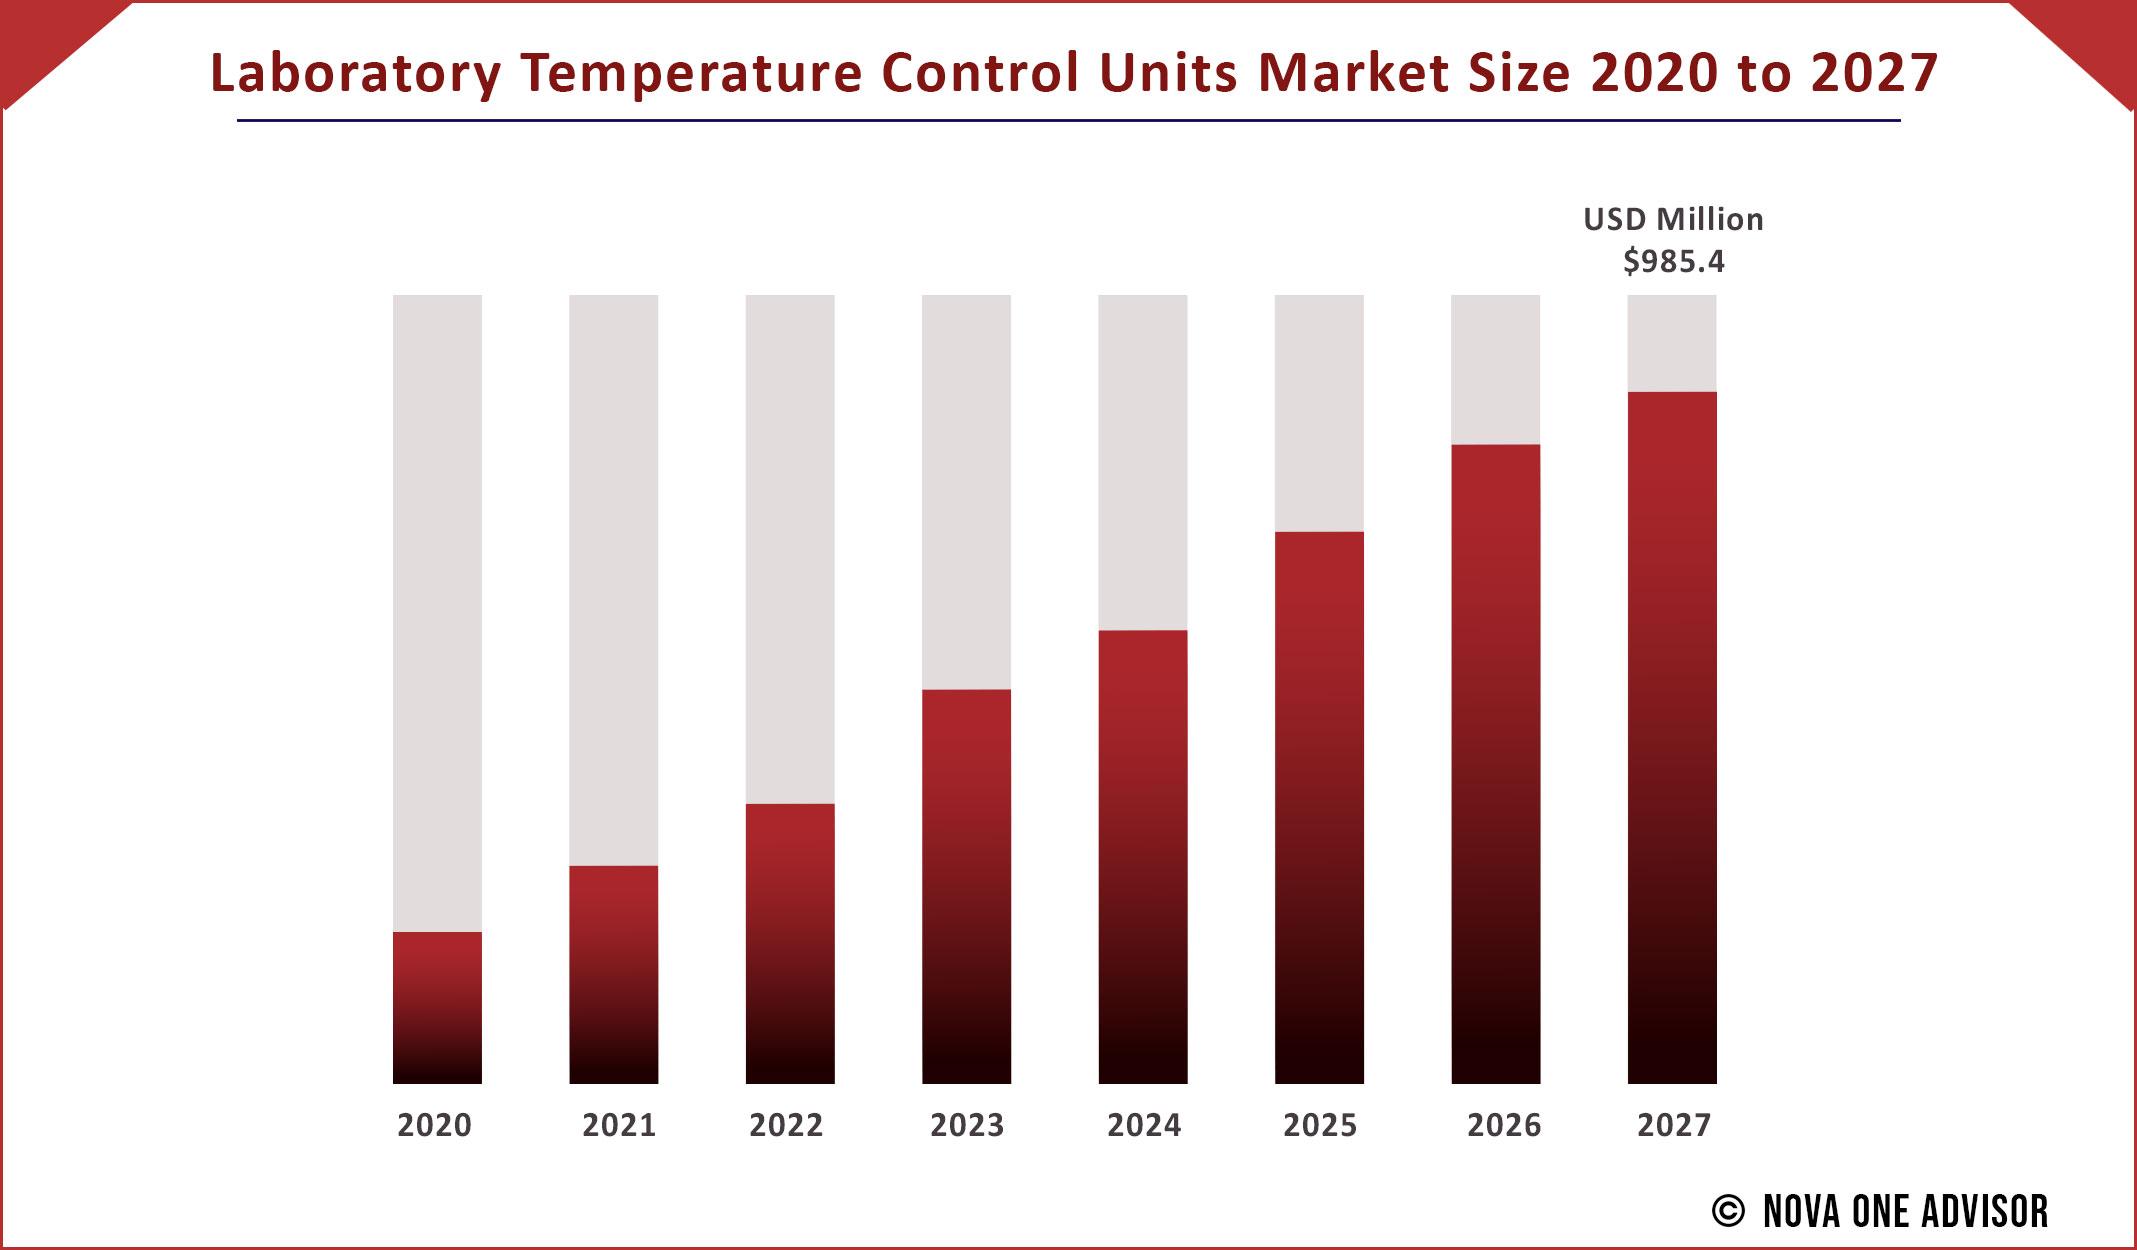 Laboratory Temperature Control Units Market Size 2020 to 2027